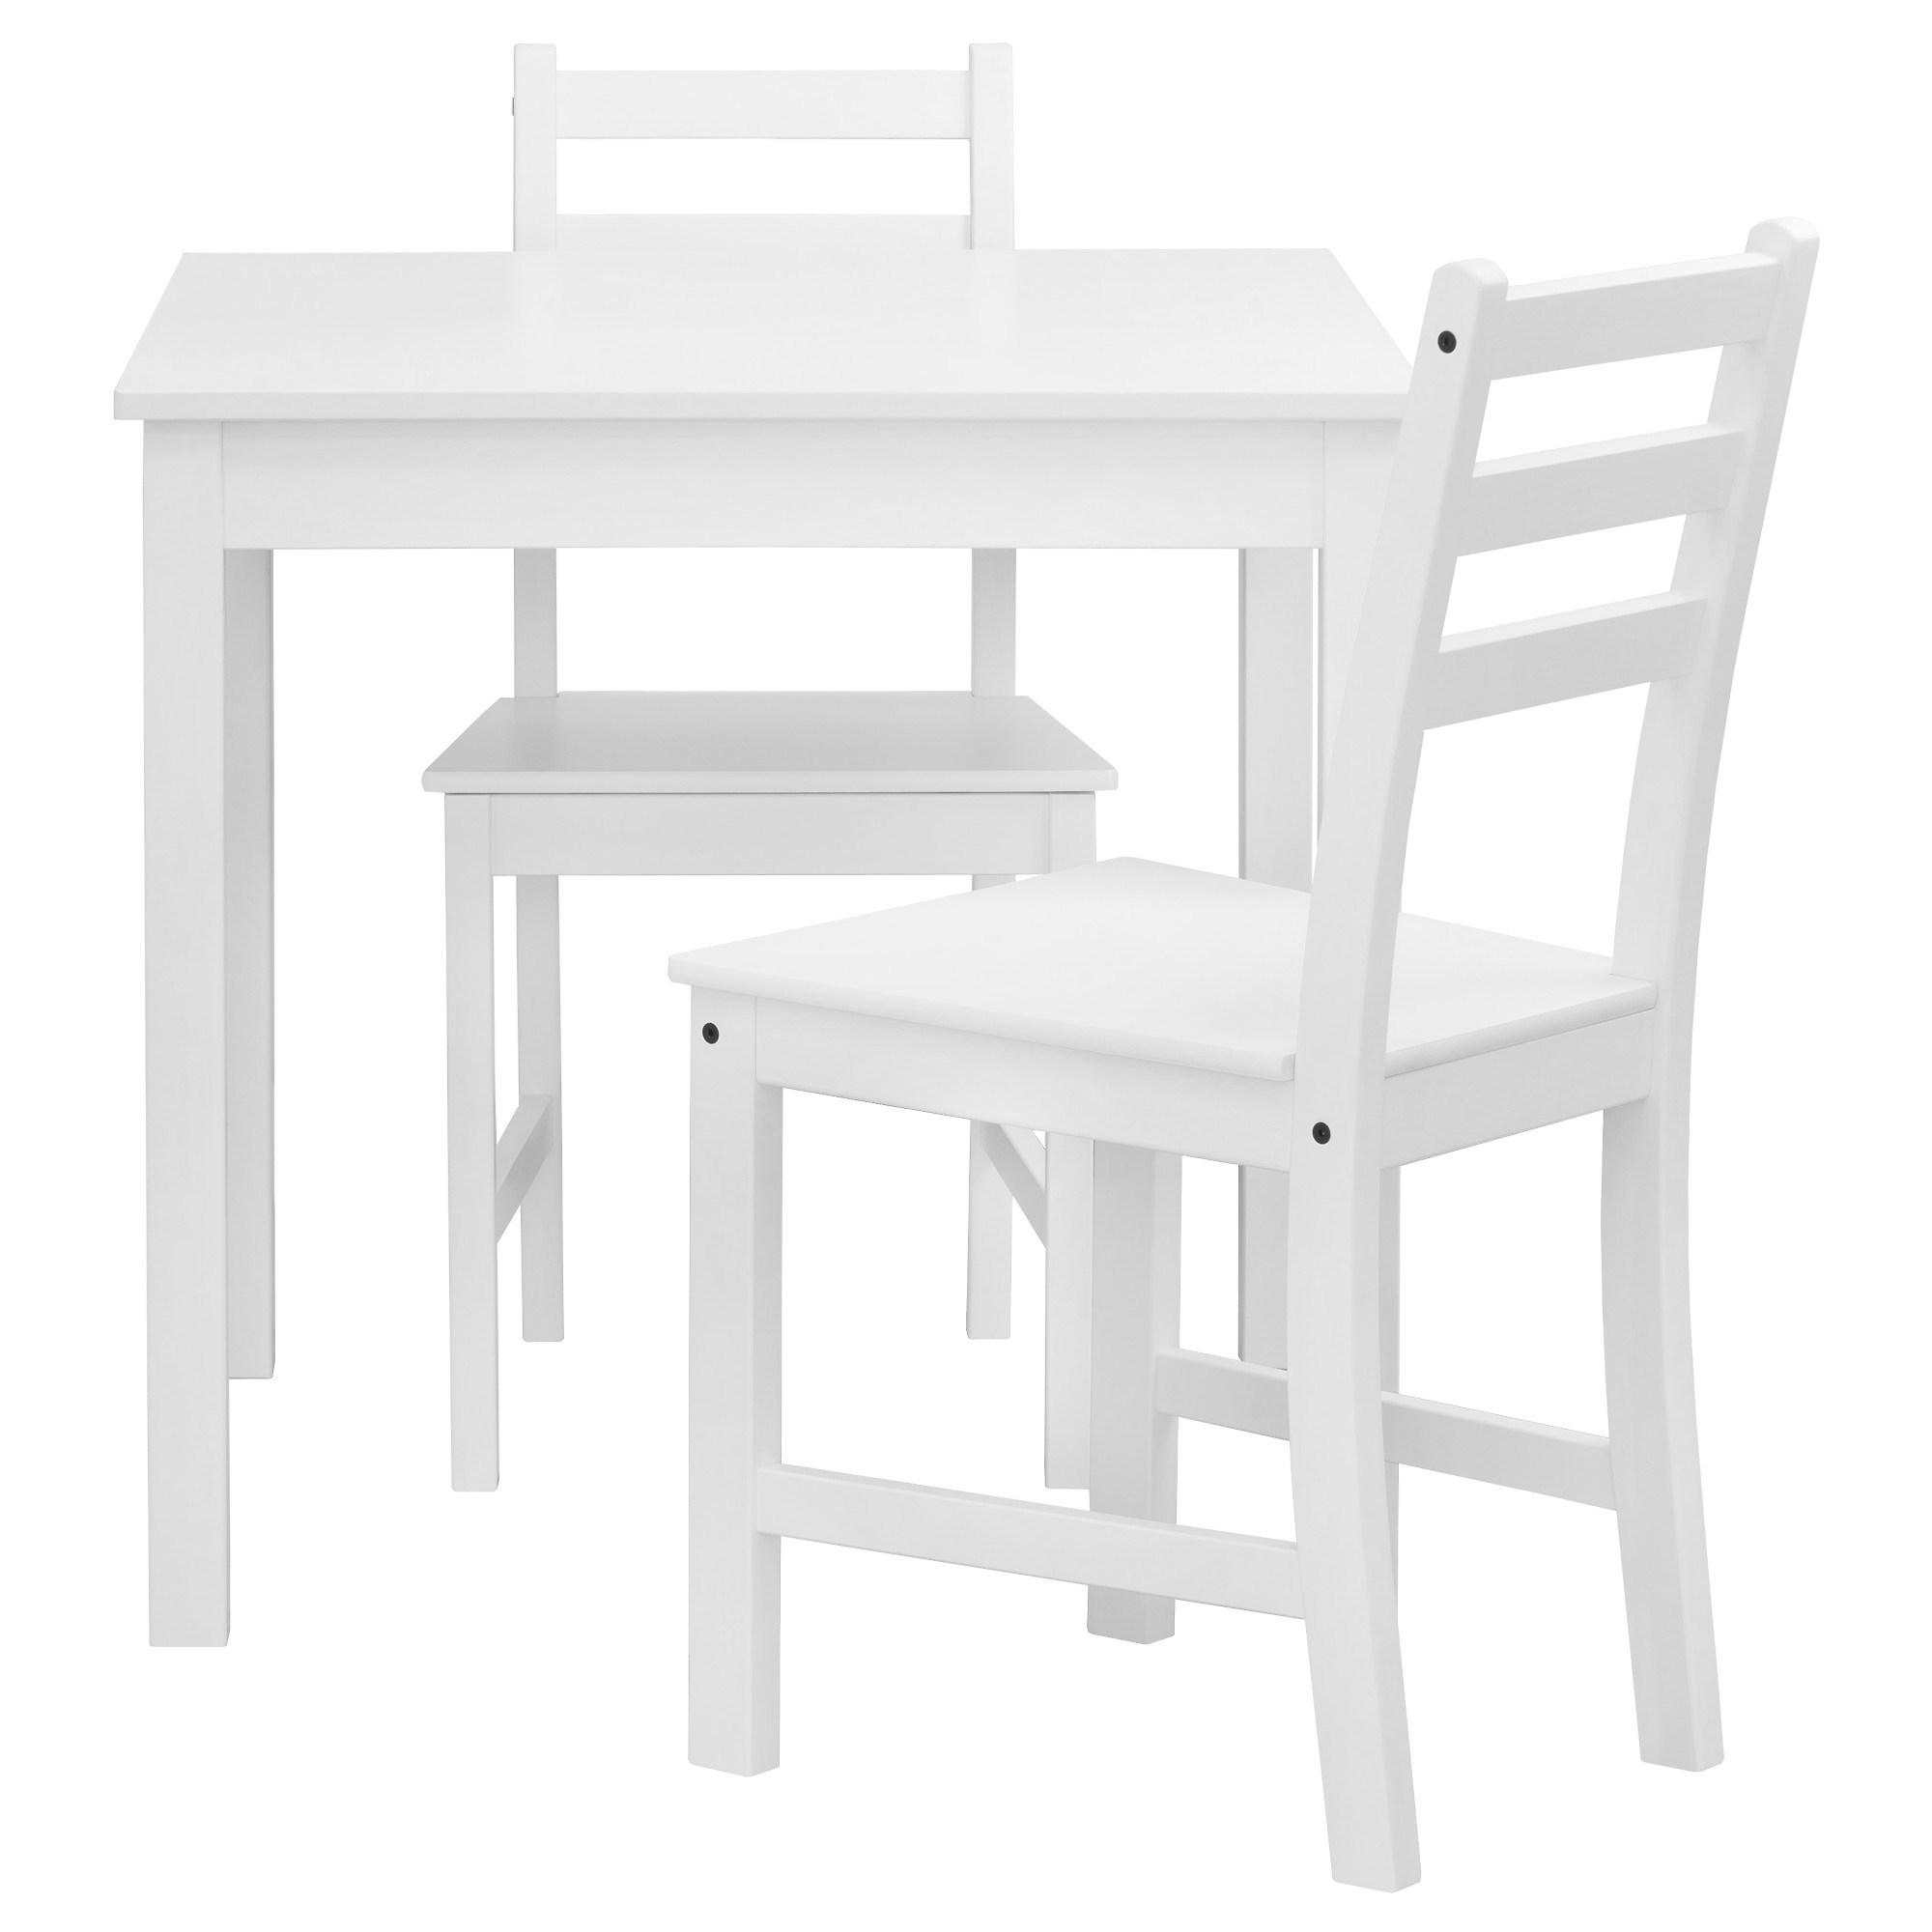 Ikea Sillas Cocina Dwdk Ikea Sillas Edor Mesas Y Sillas Cocina Ikea Hausedekorationideen